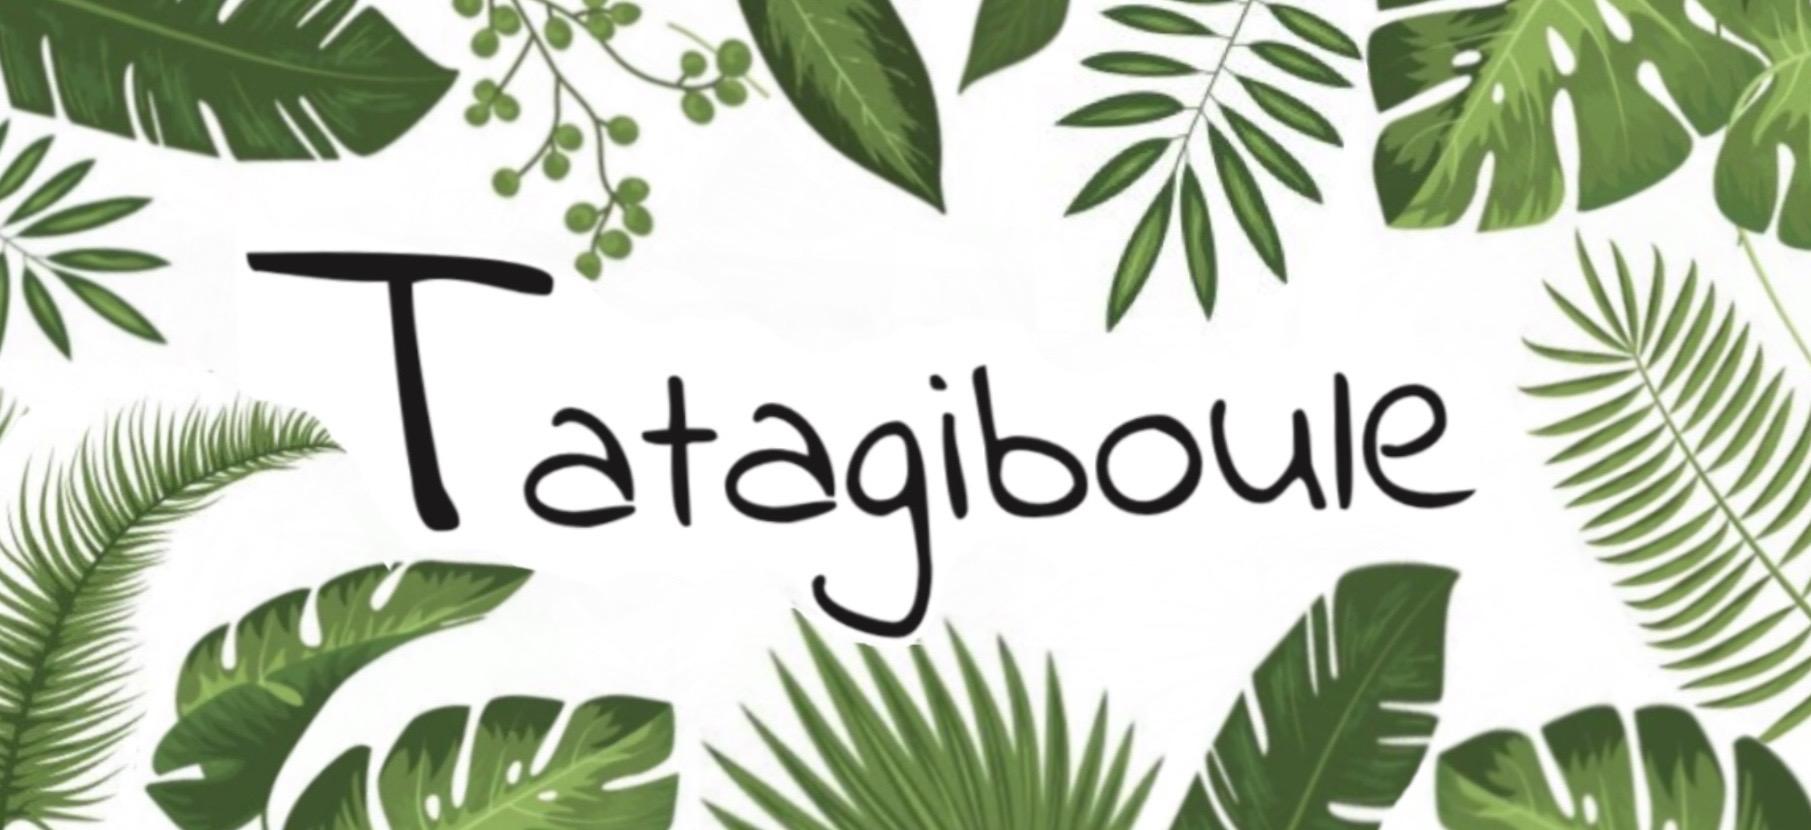 Tatagiboule